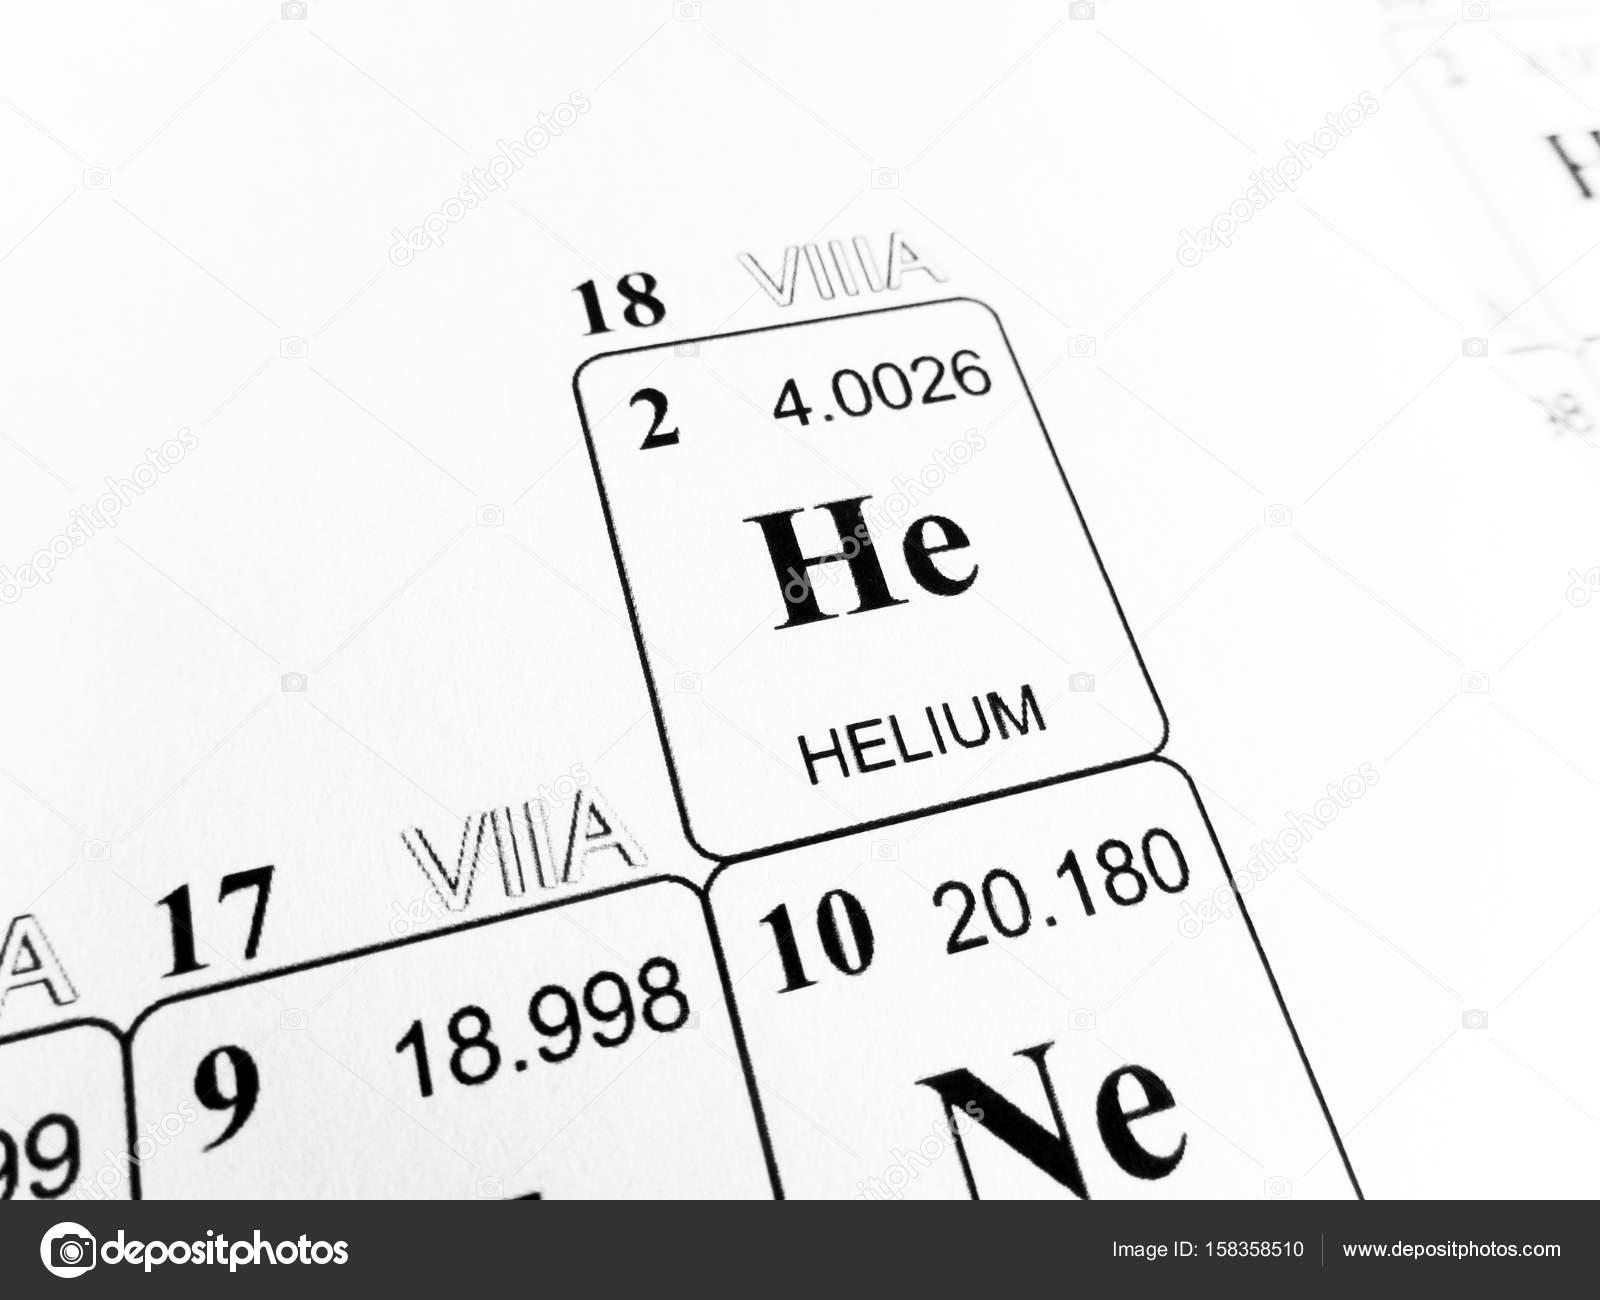 Helio en la tabla peridica de los elementos fotos de stock helio en la tabla peridica de los elementos fotos de stock urtaz Gallery